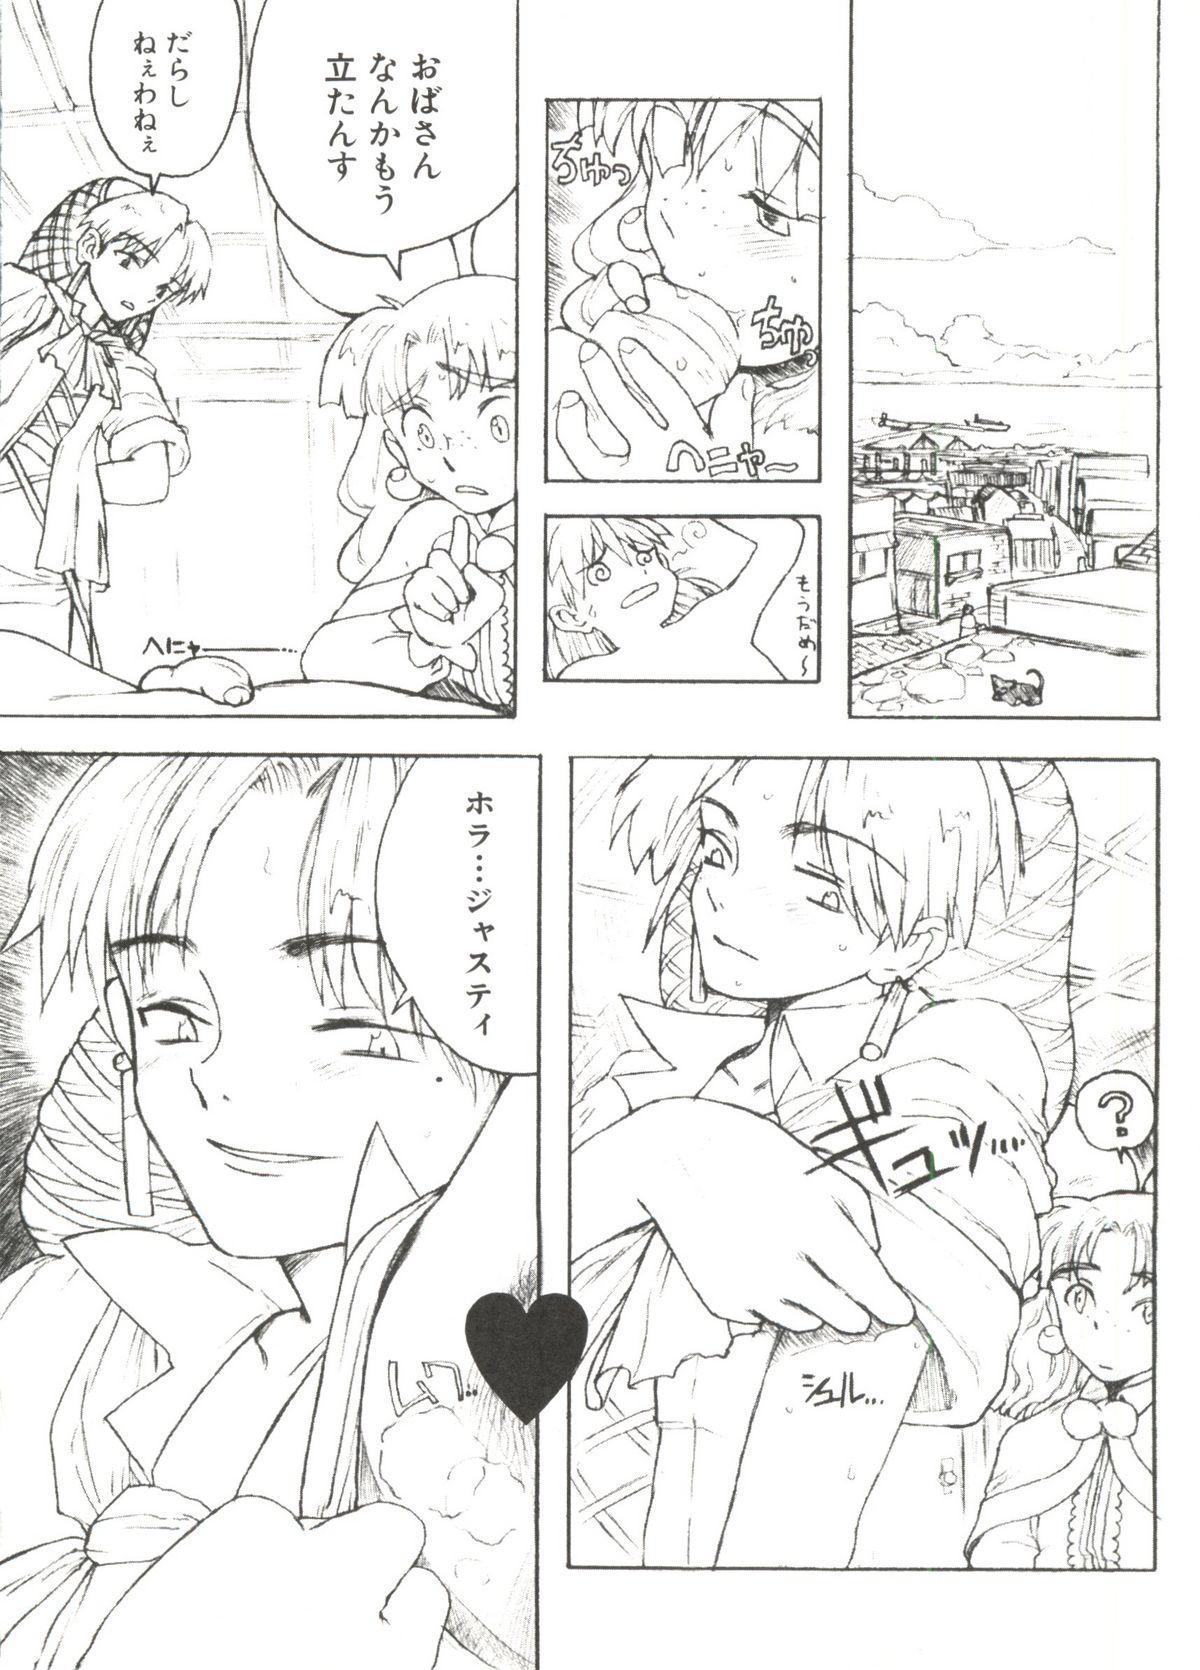 Denei Tamate Bako Bishoujo Doujinshi Anthology Vol. 2 - Nishinhou no Tenshi 123